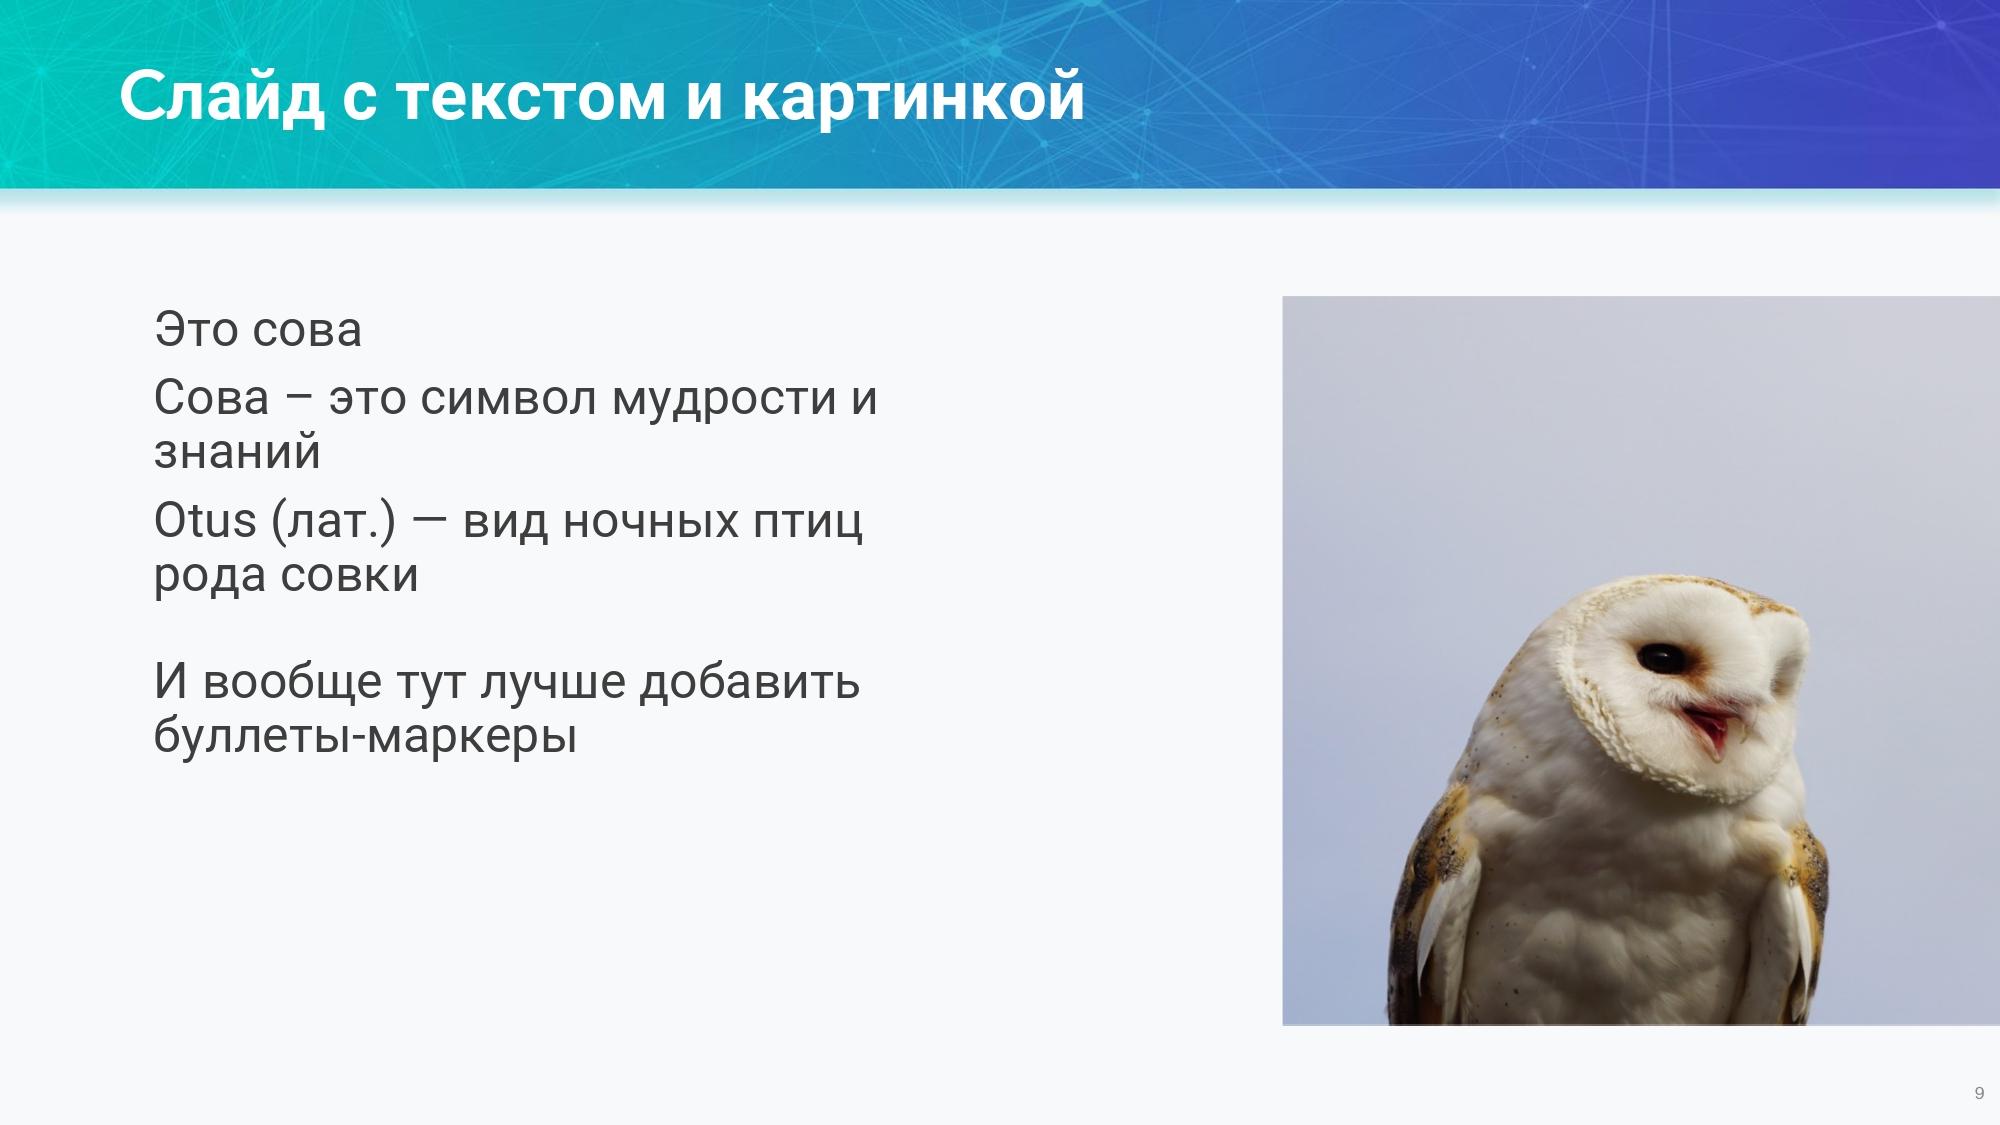 Шаблон_презентации_вебинара_в_новом_дизайне_с_подсказками_page_0009-73510-2e9655.jpg